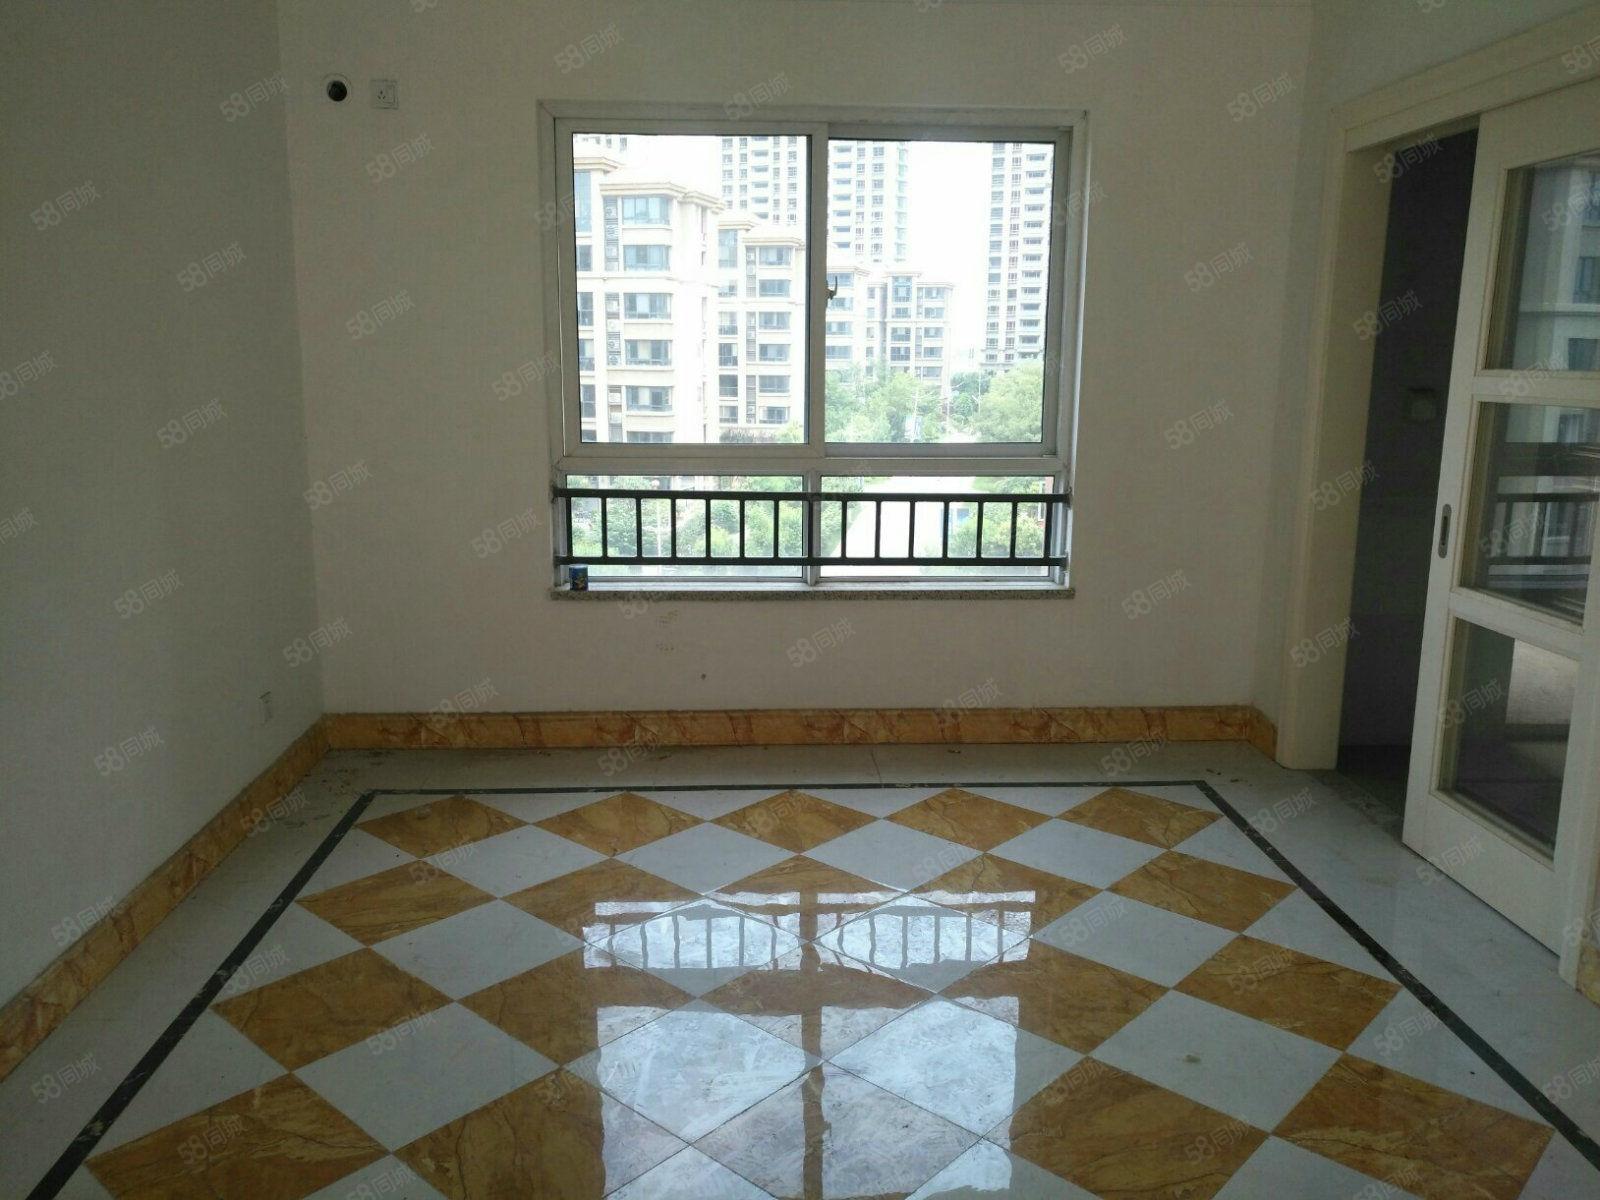 碧桂圆电梯洋房4房精装修有证可以按揭看房子方便南北通